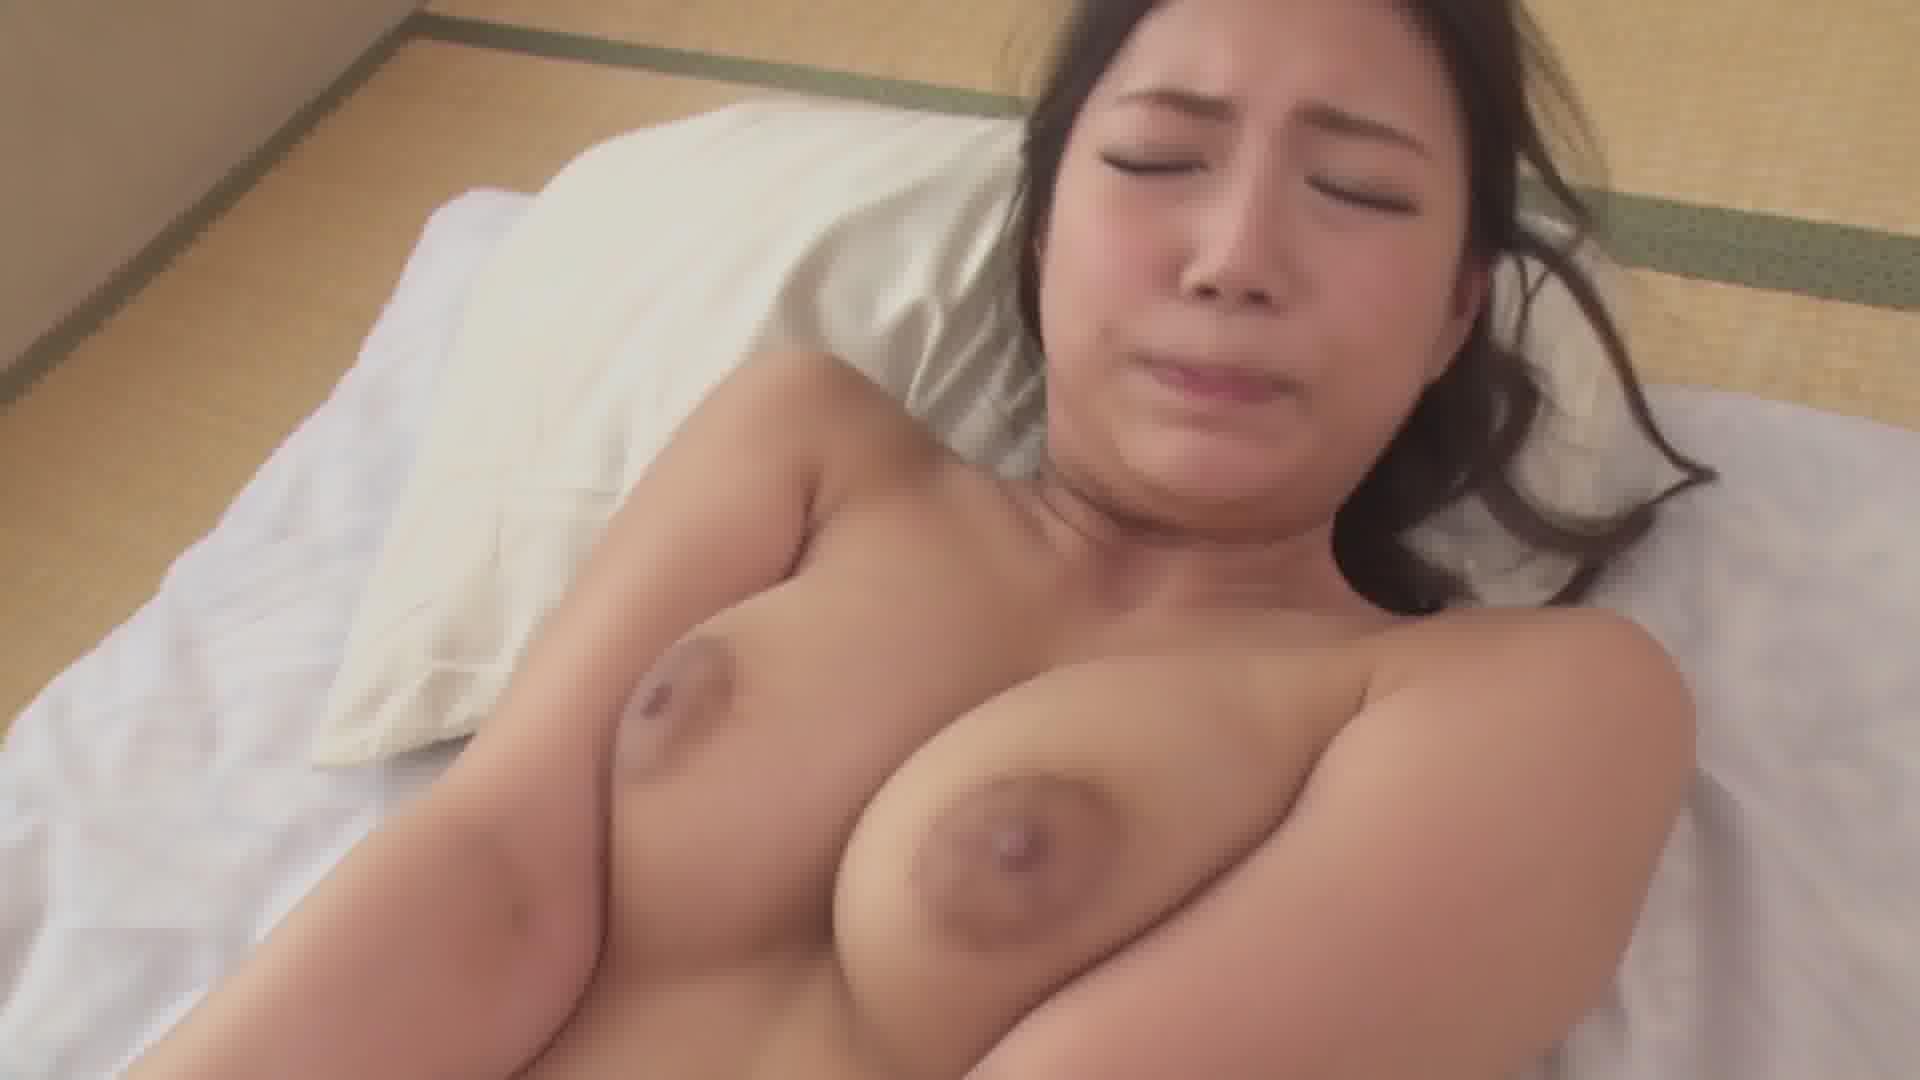 洗練された大人のいやし亭 ~健康美に溢れる濃厚SEX~ - 佐倉ねね【コスプレ・着物・中出し】